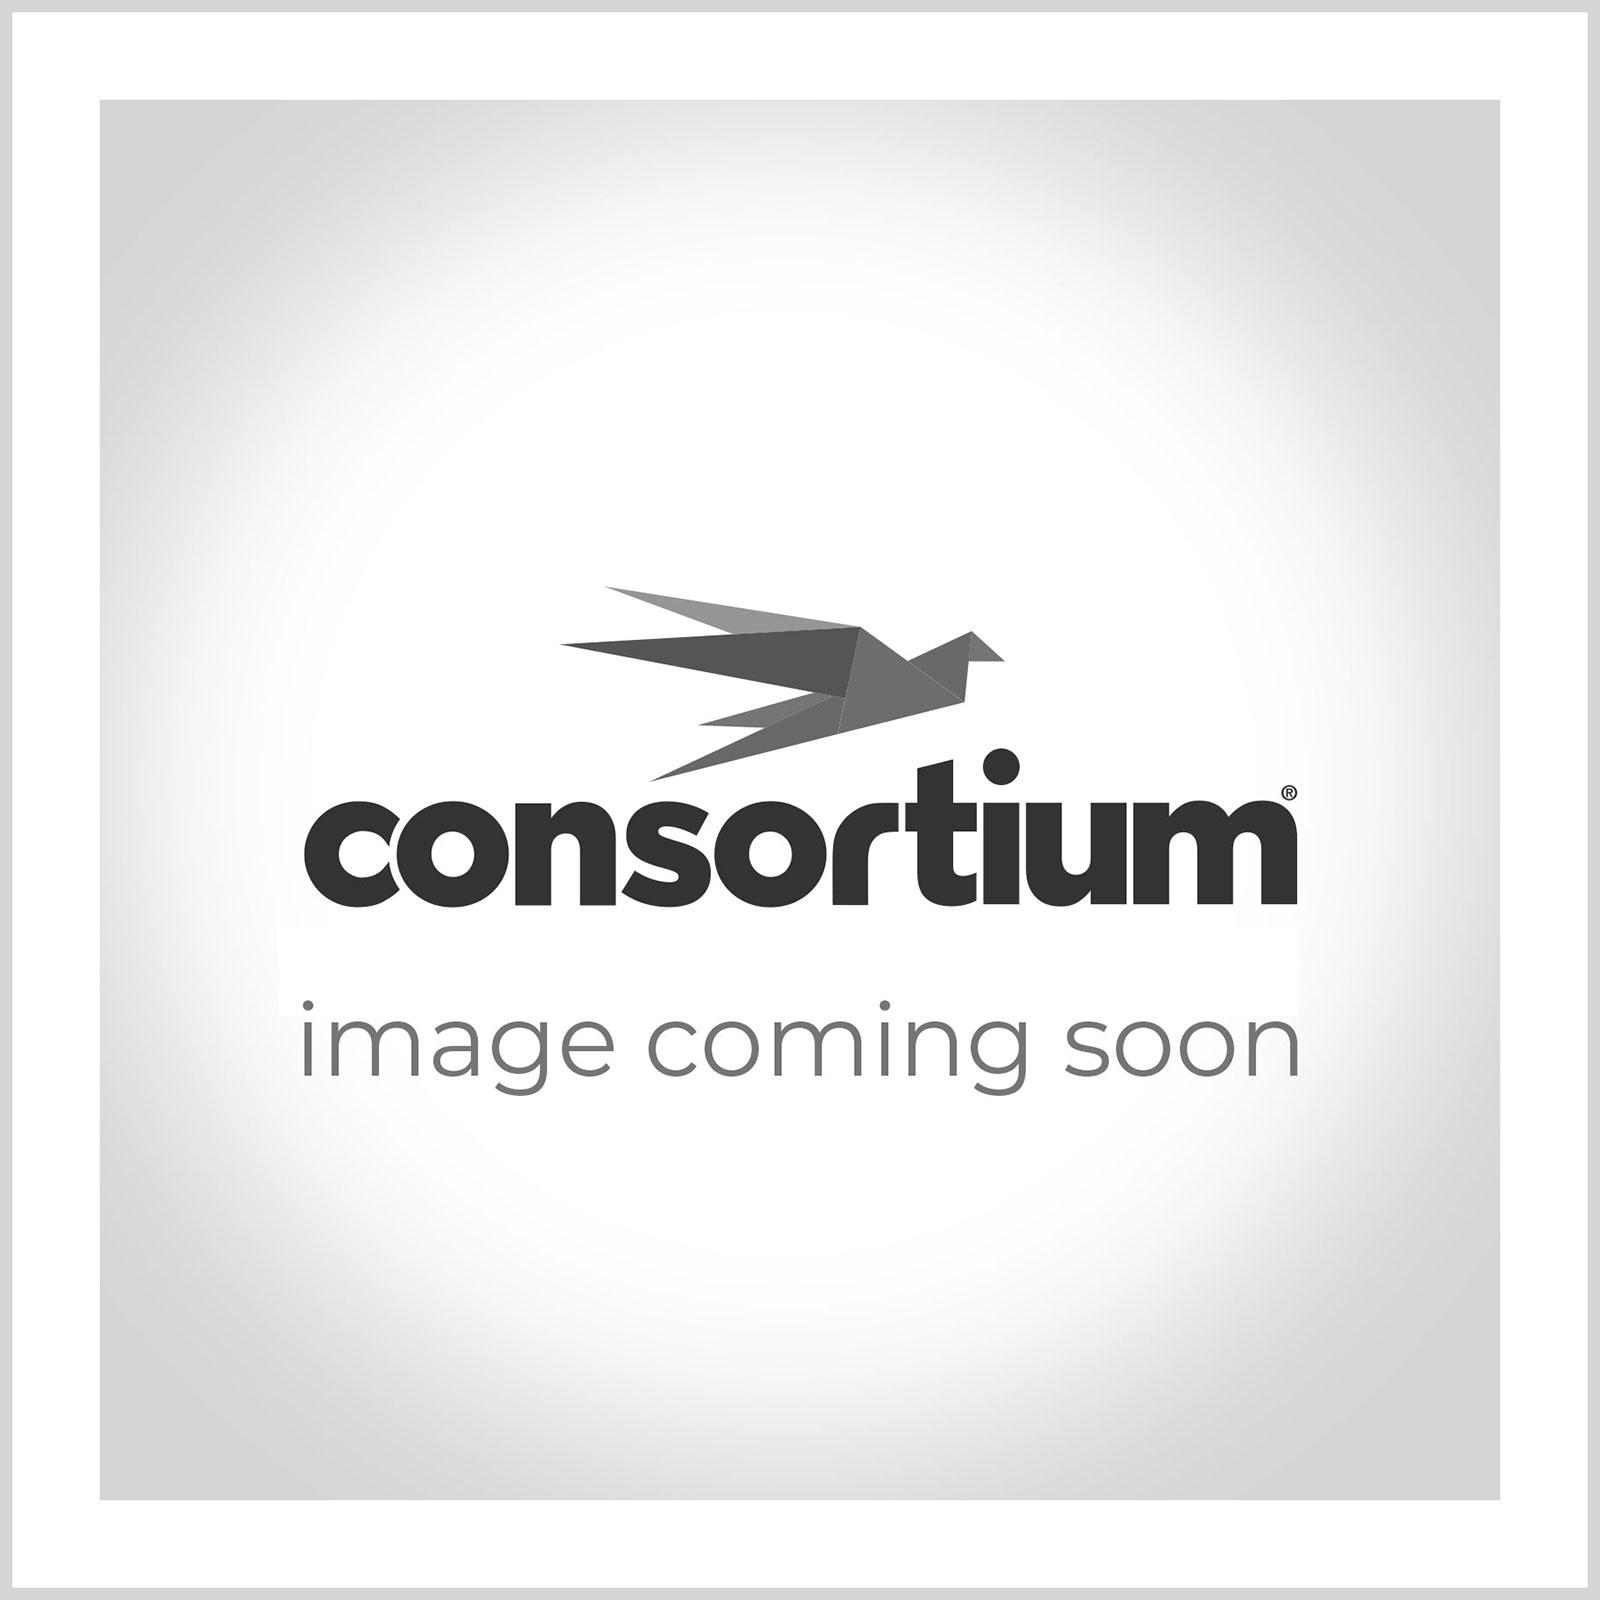 Consortium Coloured Copier Card